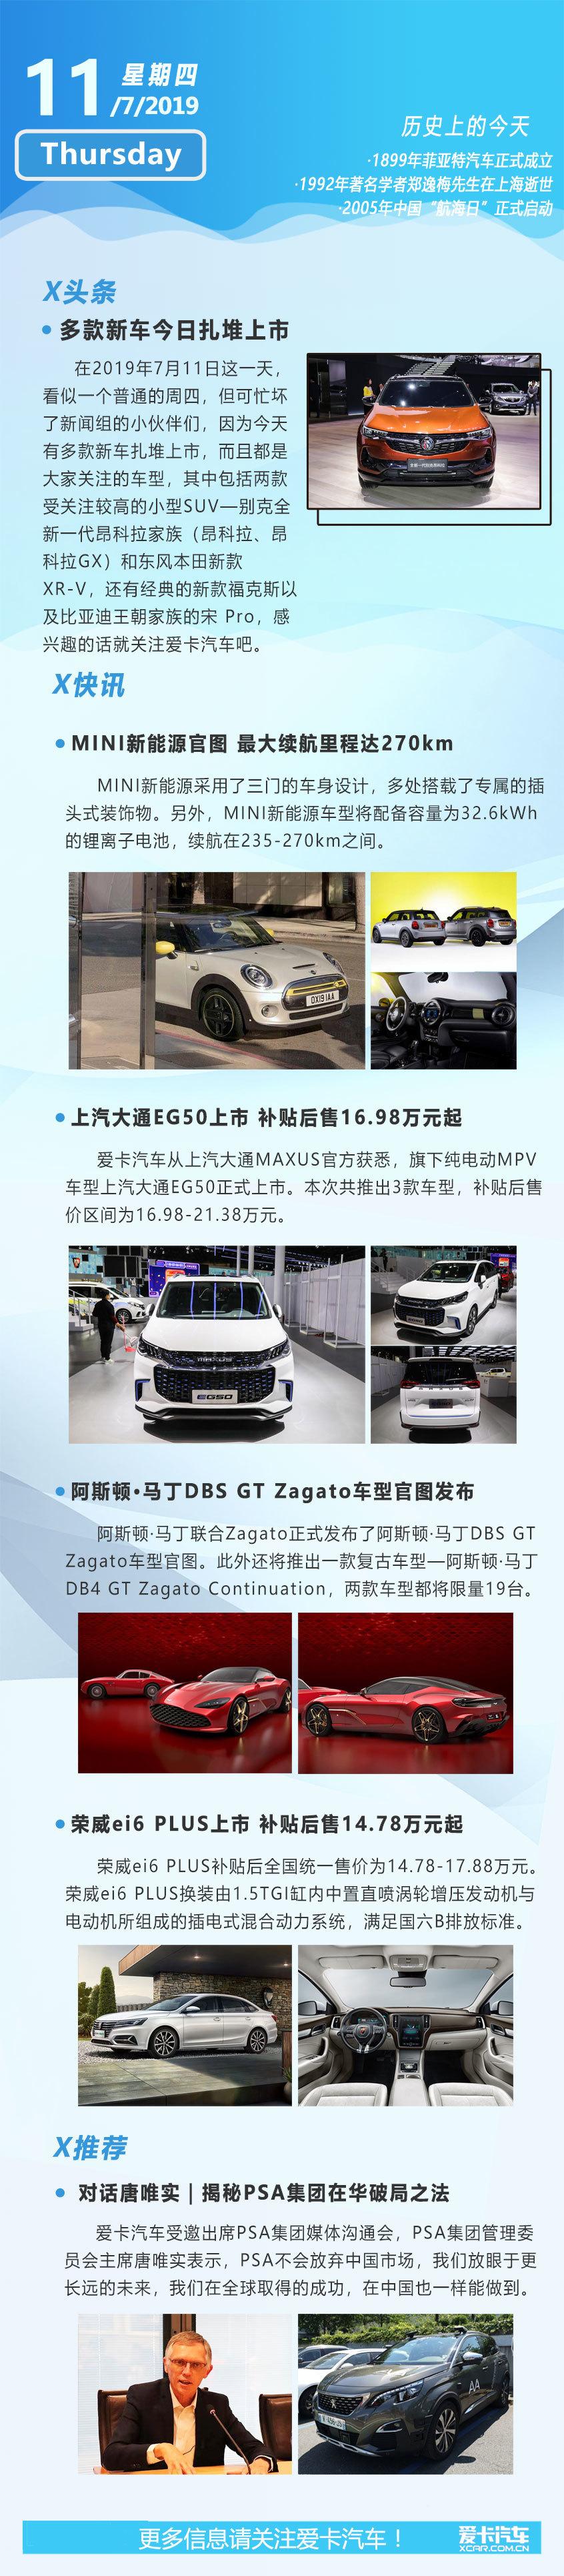 7月11日早报 昂科拉家族新XR-V宋Pro